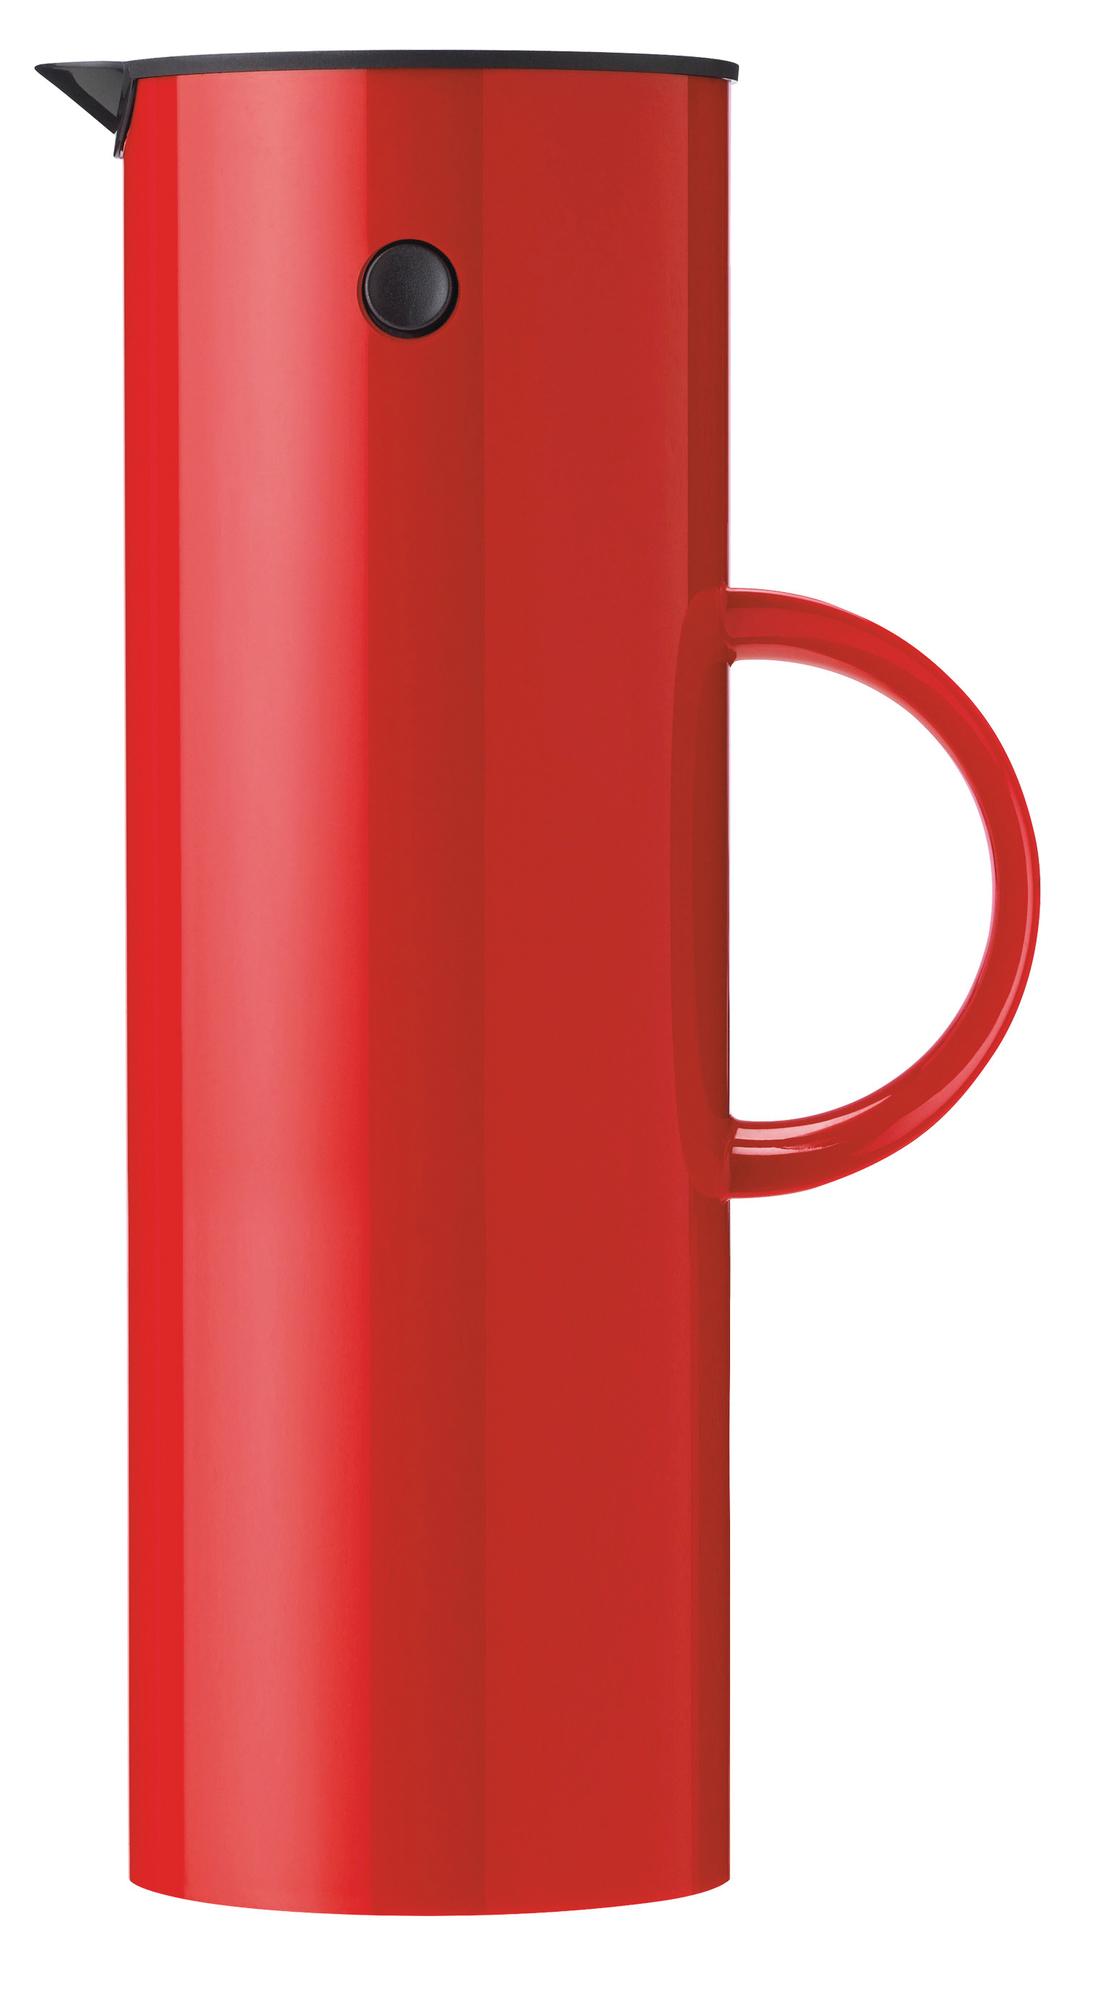 EM77 Thermoskanne / Isolierkanne Rot Stelton